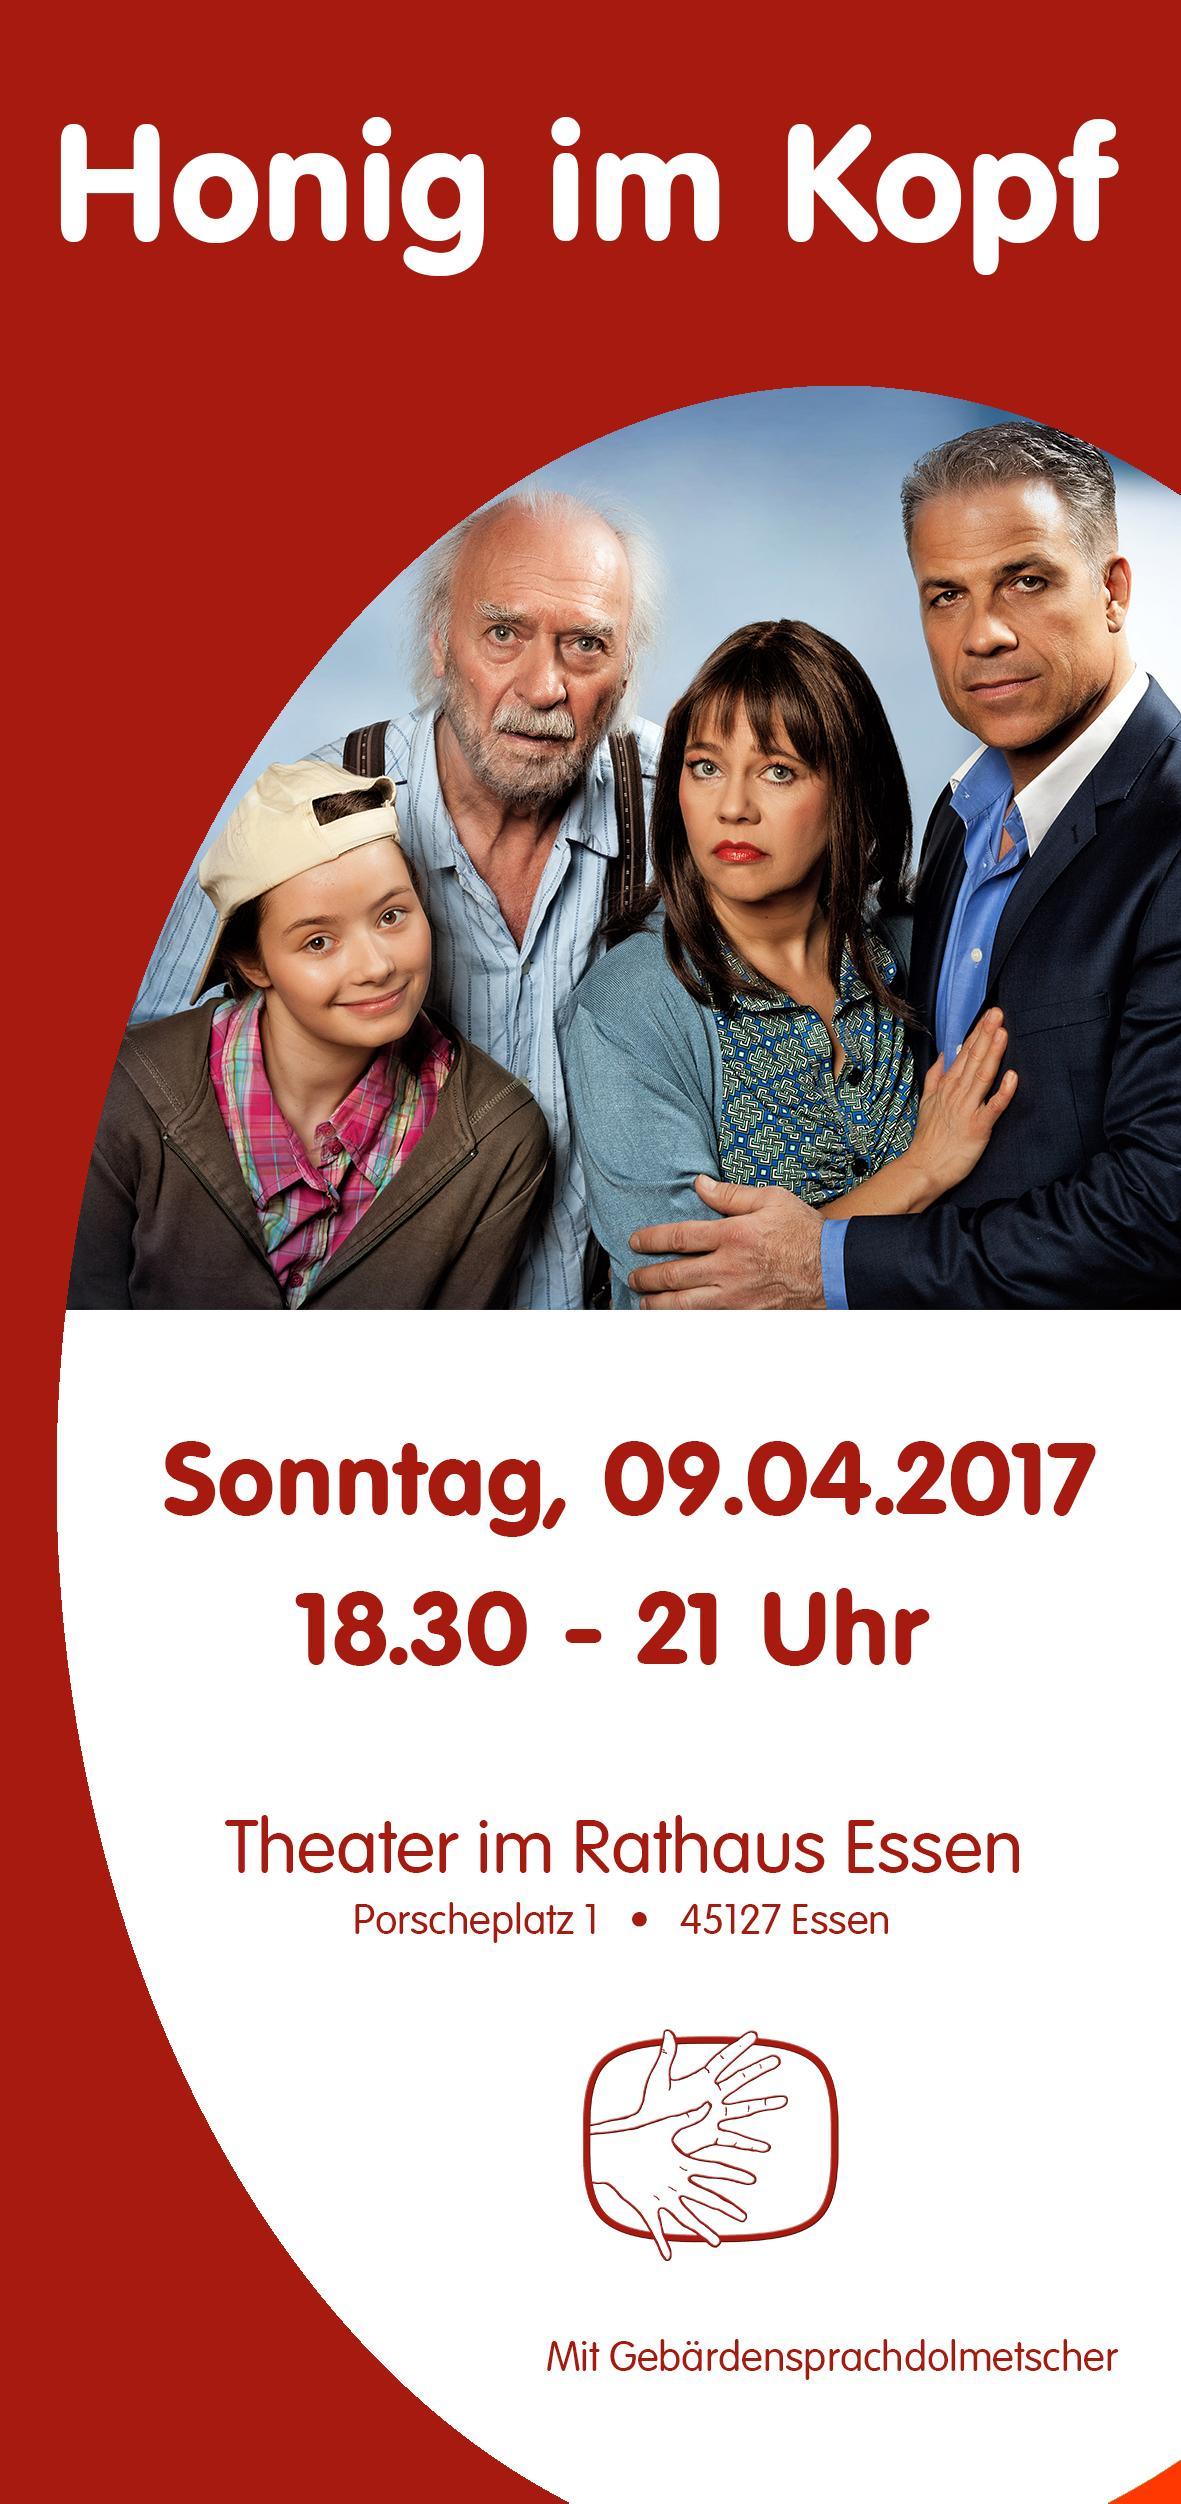 """Theater """"Honig im Kopf"""" mit Gebärdensprachdolmetscher im Rathaus-Theater Essen"""